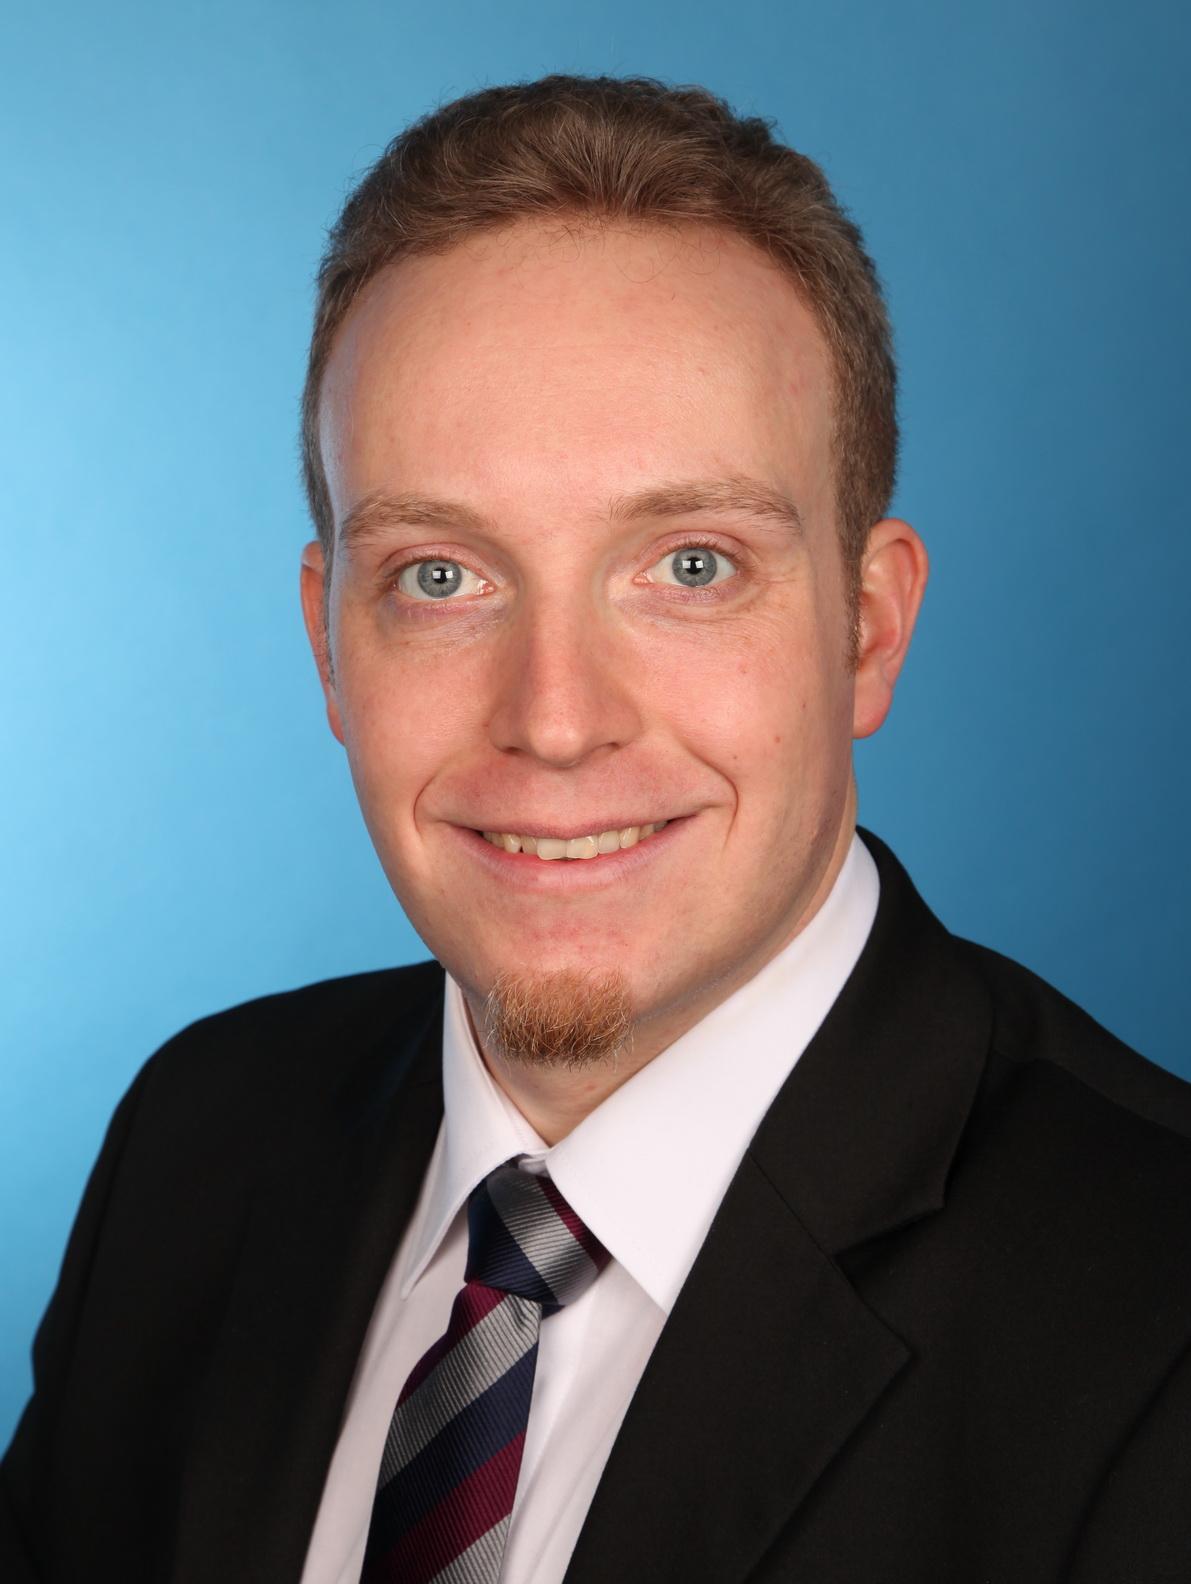 Marcel Tondorf